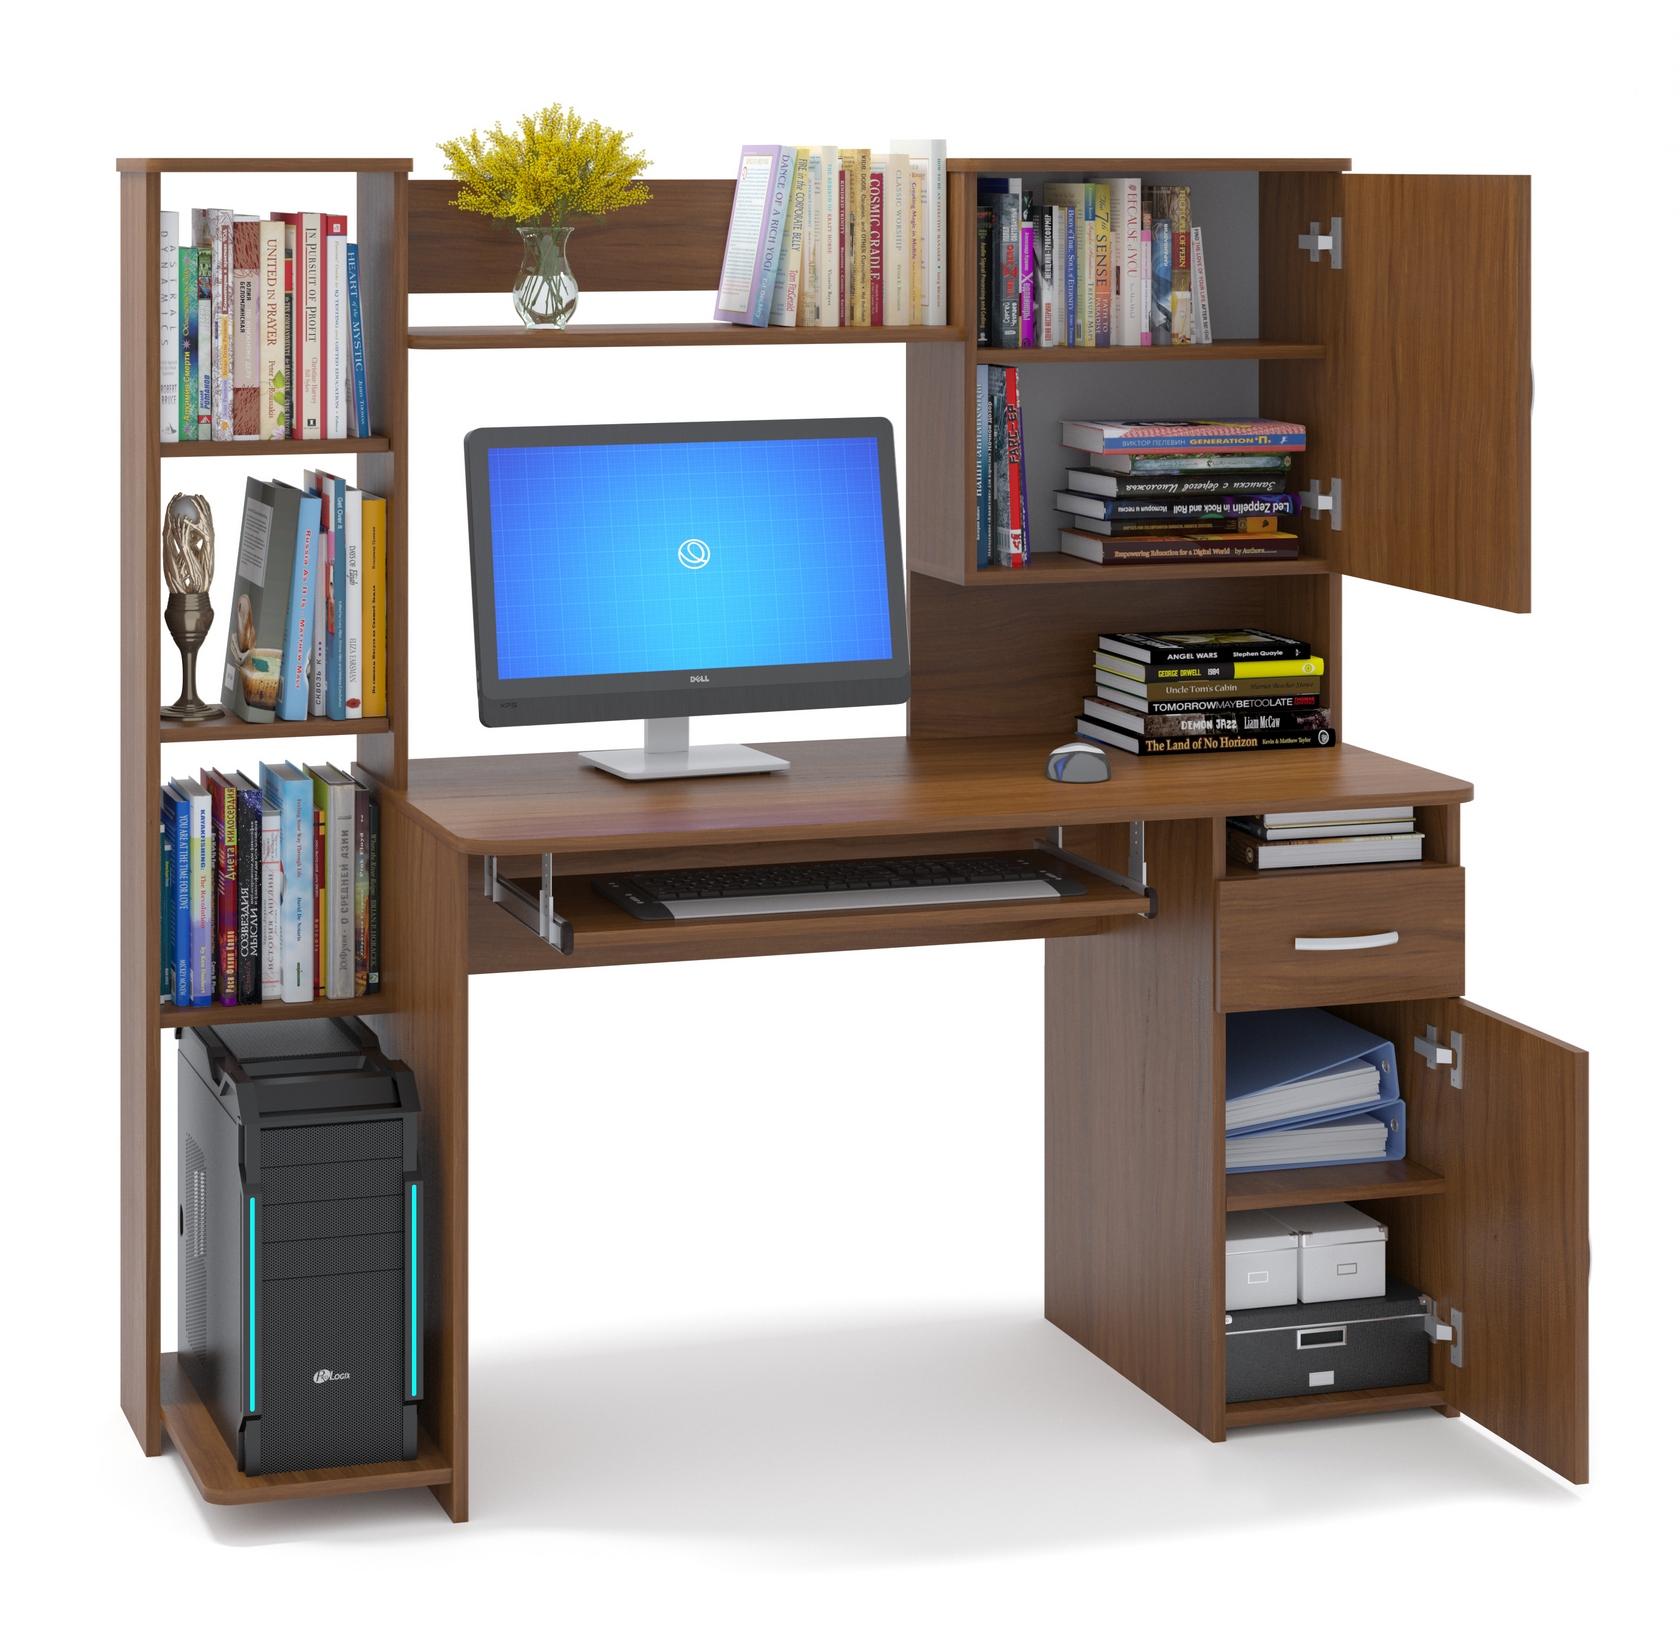 """Компьютерный стол Сокол КСТ-11.1 Ноче-эккоКомпьютерные столы<br>Габаритные размеры ВхШхГ 1444x1486x600 мм. Удобный компьютерный стол с большим количеством полок.  Такое решение прекрасно подойдет для организации места для учебы.  В боковом стеллаже на нижней полке можно удобно разместить системный блок.  За распашными дверками также находятся полки.  Стол оборудован выдвижным ящиком и полкой для клавиатуры, которую можно не устанавливать, если вы планируете работать за ноутбуком. Высота полки под системный блок – 404 мм, Проем под монитор — 442 х 688 мм (под монитор 20""""). Изделие универсальное при сборке - блок со стеллажом и блок с закрытыми полками можно расположить с любой стороны. Столешница изготовлена из ЛДСП отечественного производства толщиной 16 мм, отделана кромкой ПВХ 2 мм.  Рекомендуем сохранить инструкцию по сборке (паспорт изделия) до истечения гарантийного срока.<br><br>Цвет: Ноче-экко<br>Цвет: Коричневое дерево<br>Высота мм: 1444<br>Ширина мм: 1486<br>Глубина мм: 600<br>Кол-во упаковок: 2<br>Форма поставки: В разобранном виде<br>Срок гарантии: 2 года<br>Тип: Прямые<br>Материал: Деревянные, из ЛДСП<br>Размер: Большие<br>Особенности: С надстройкой, С тумбой, С полками"""